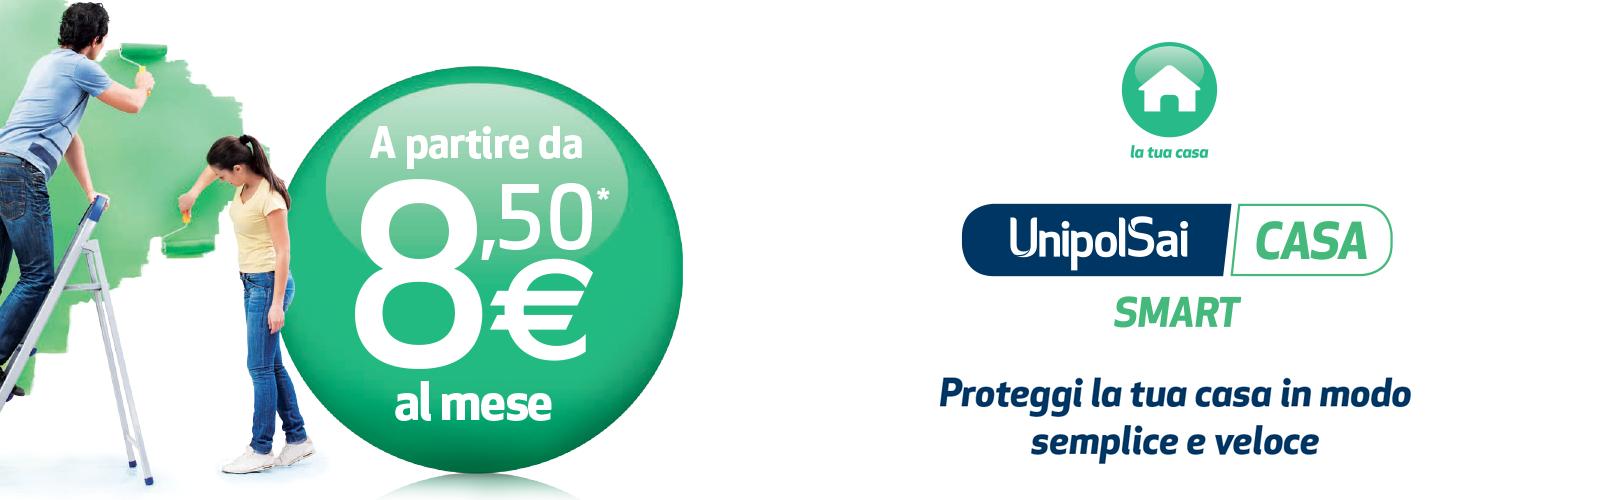 Proteggi la tua casa in modo semplice e veloce gbg snc for Progetta la tua casa virtuale